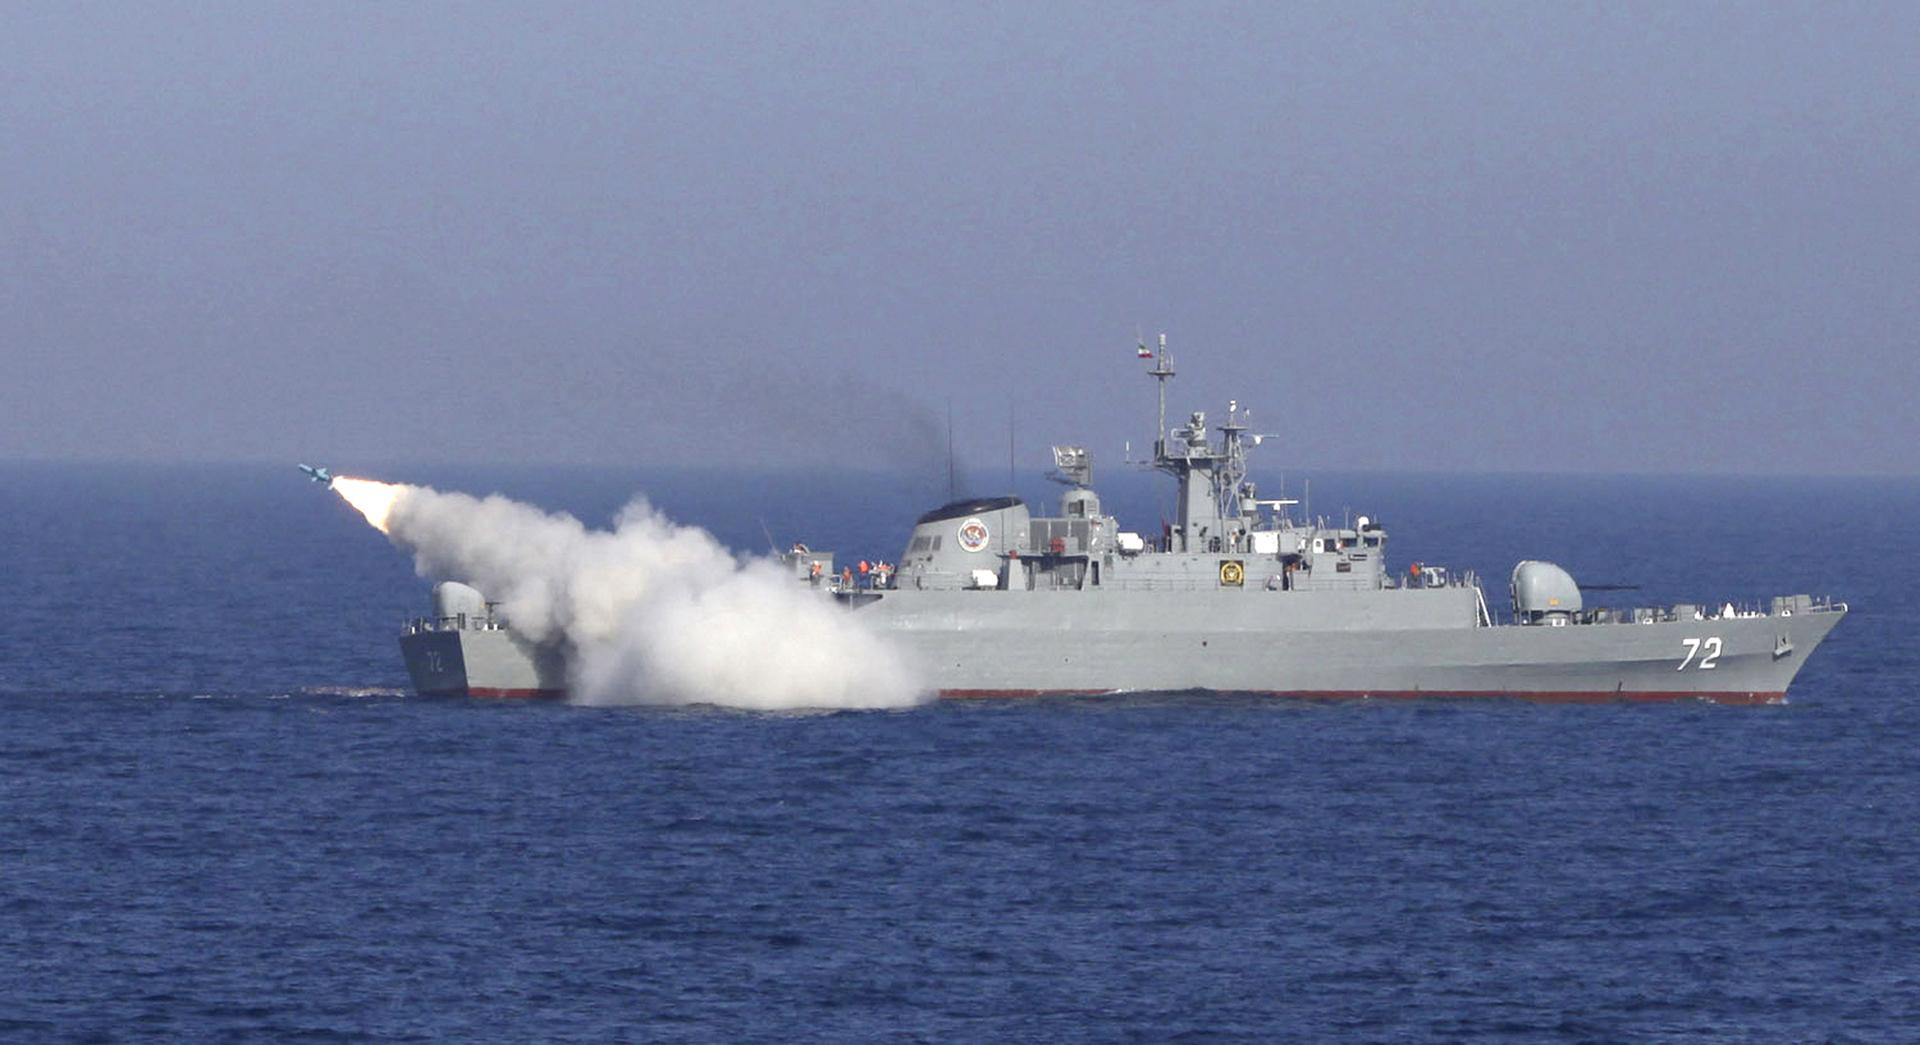 الحرس الثوري الإيراني: الخليج ليس مكانا للقوات الخارجية